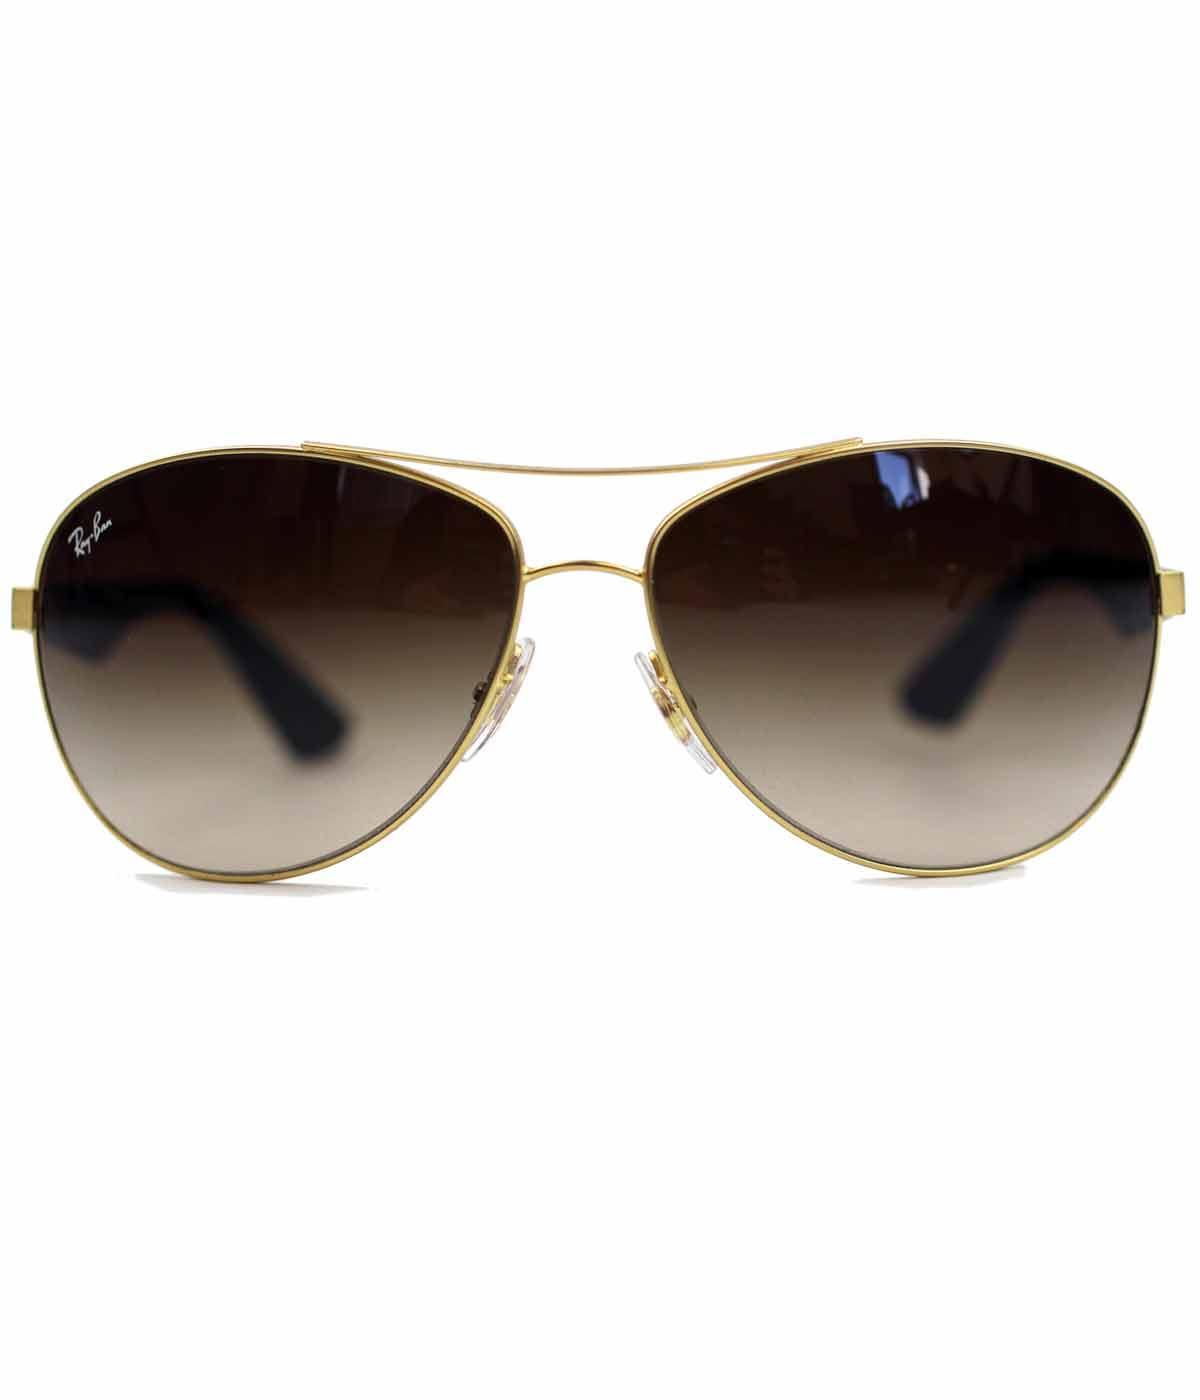 532cd562c171 Round aviator sunglasses - Key biscayne kayaking